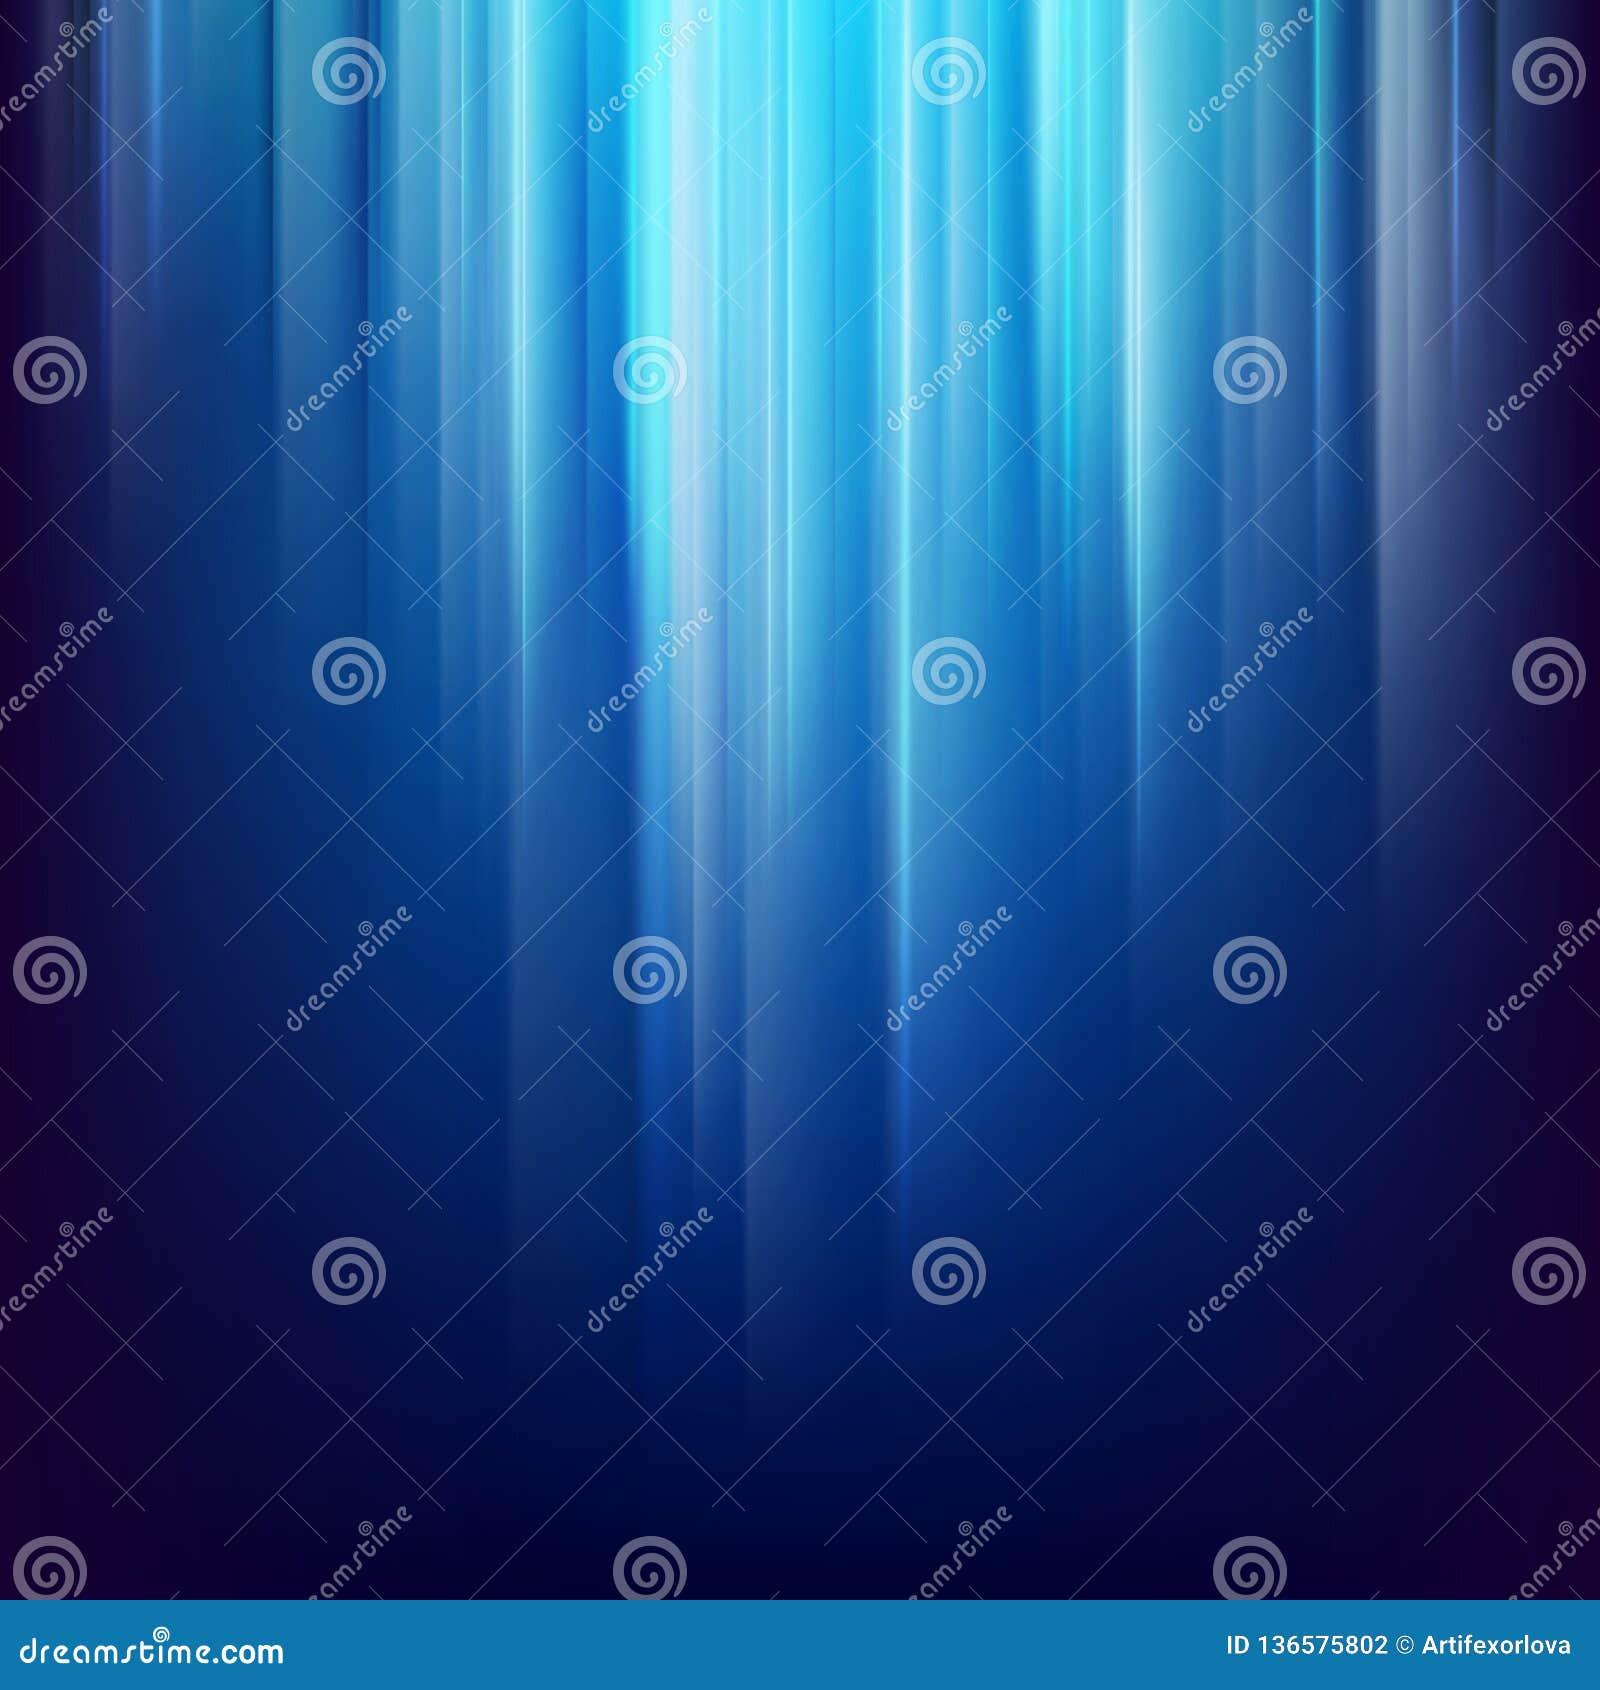 Abstracte donkere ruimteachtergrond met gloeiende blauwe lichte lijnen Eps 10